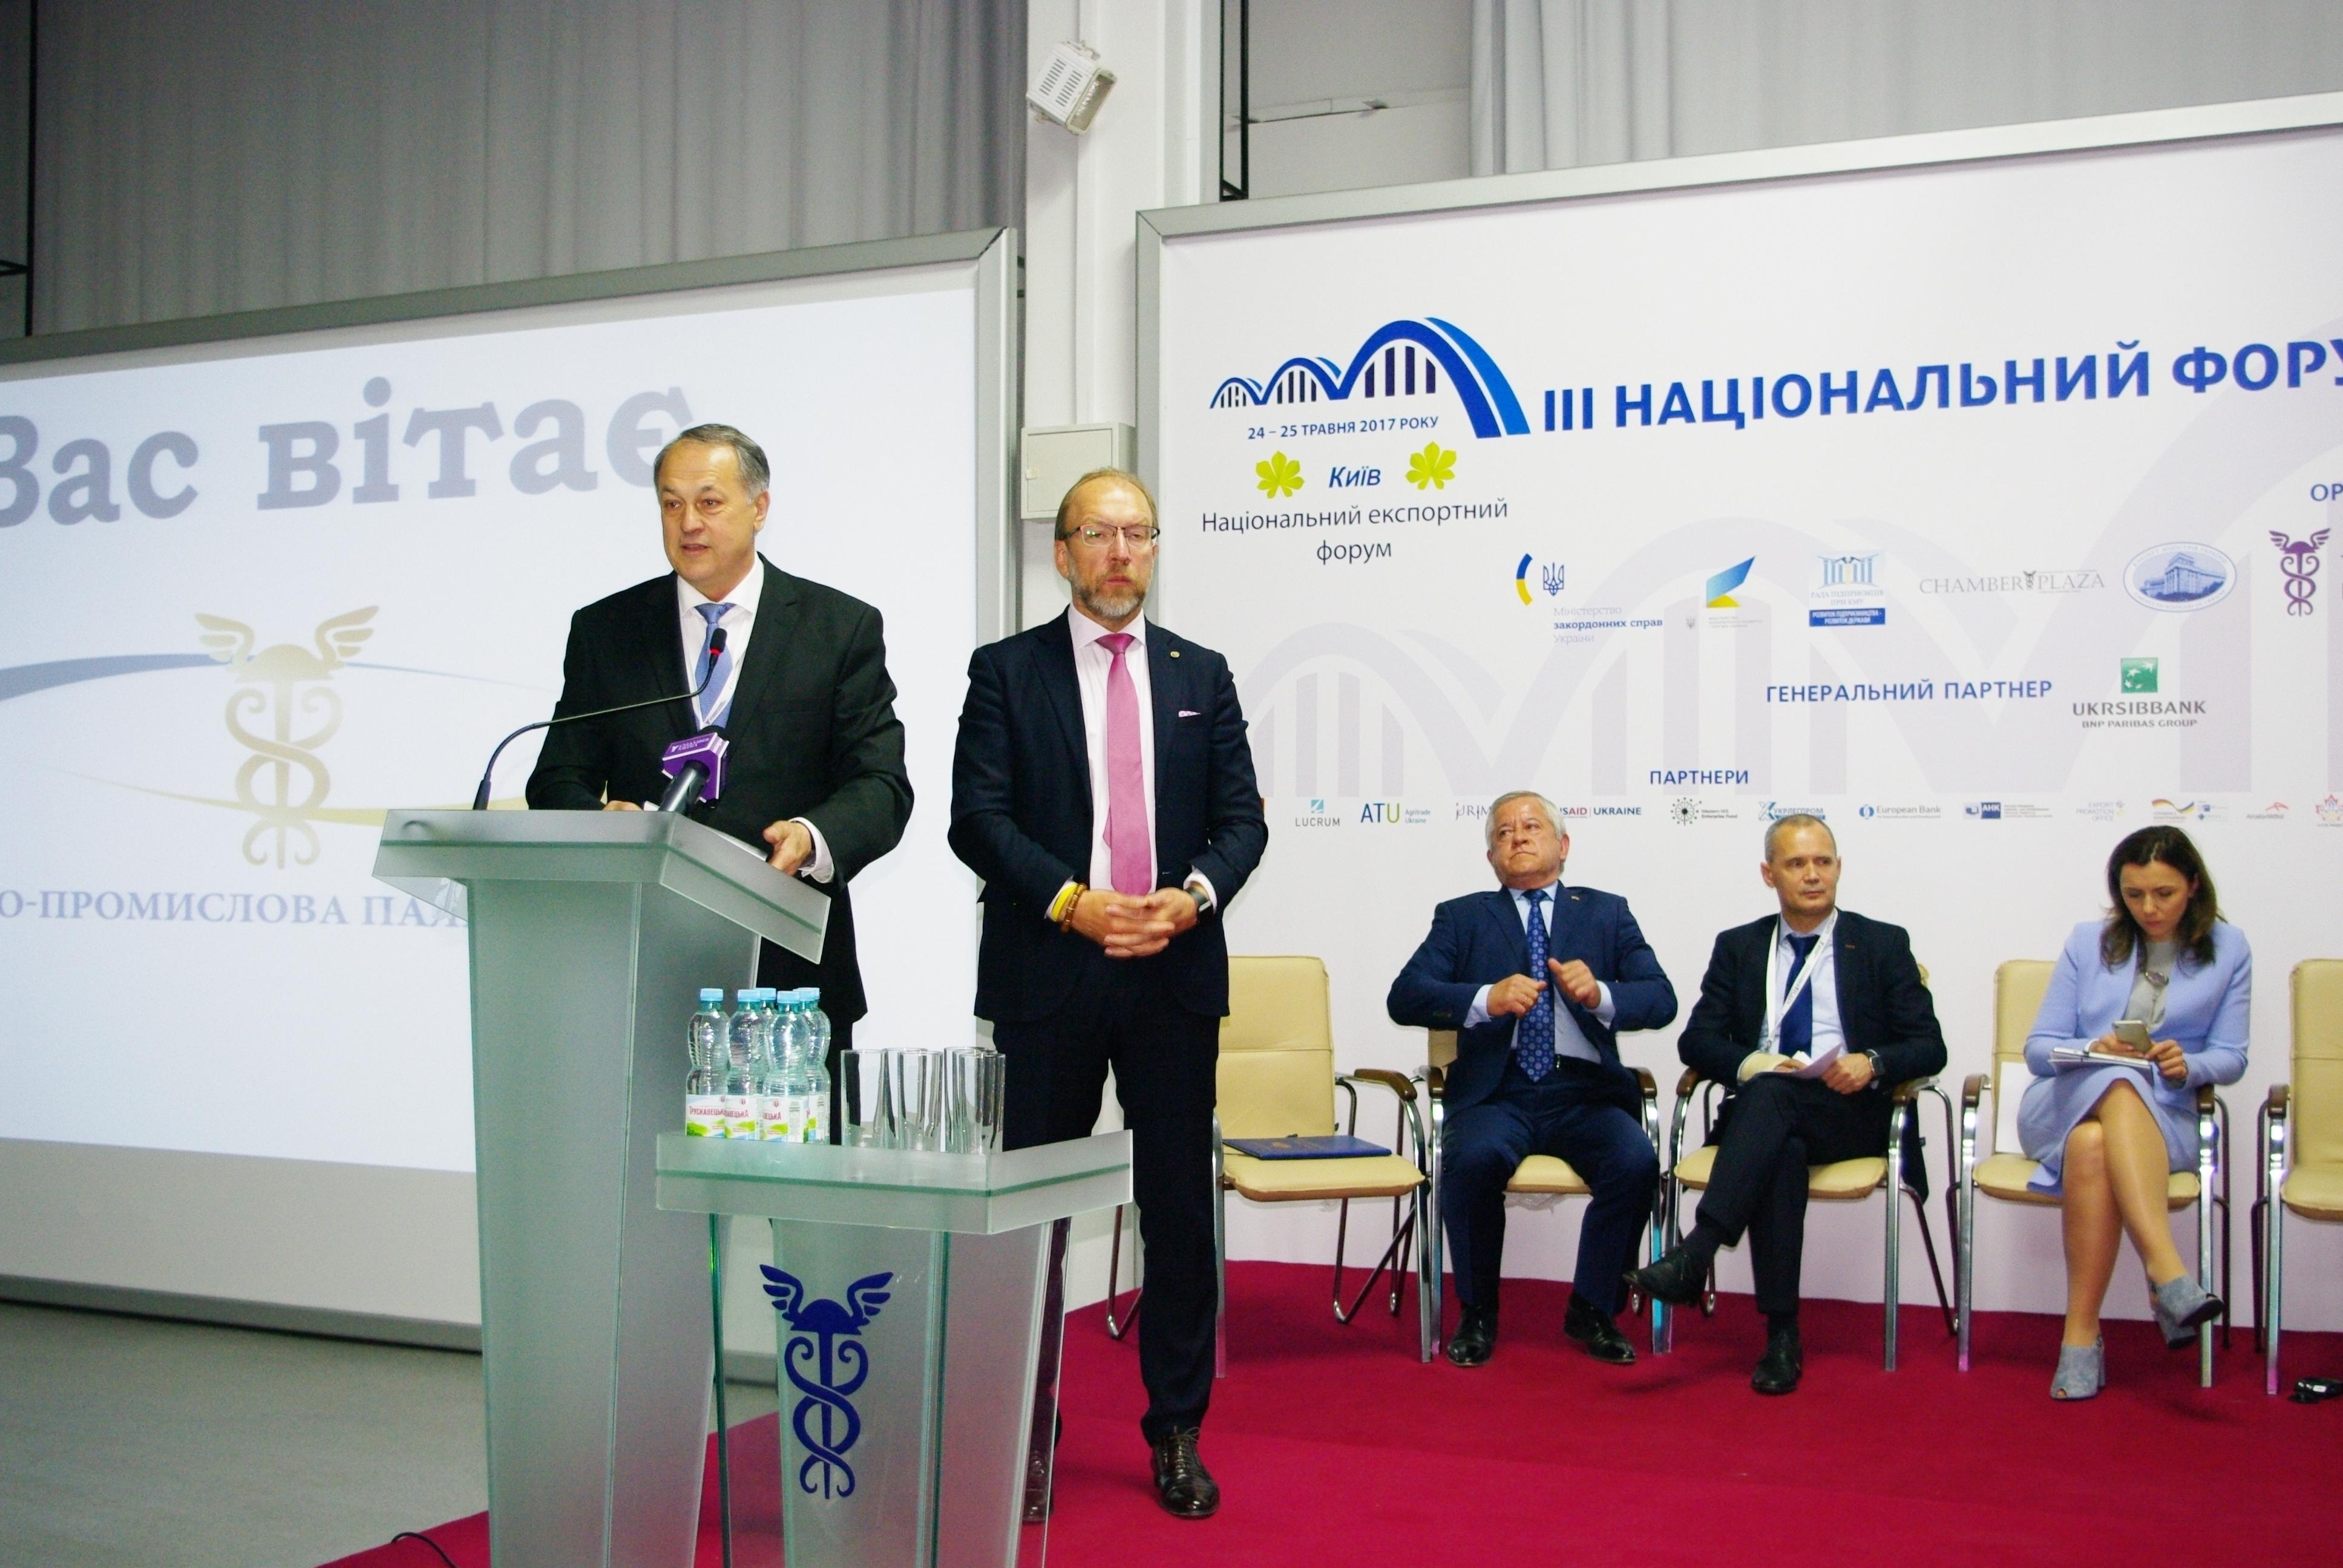 III Национальный форум по поддержке экспорта.